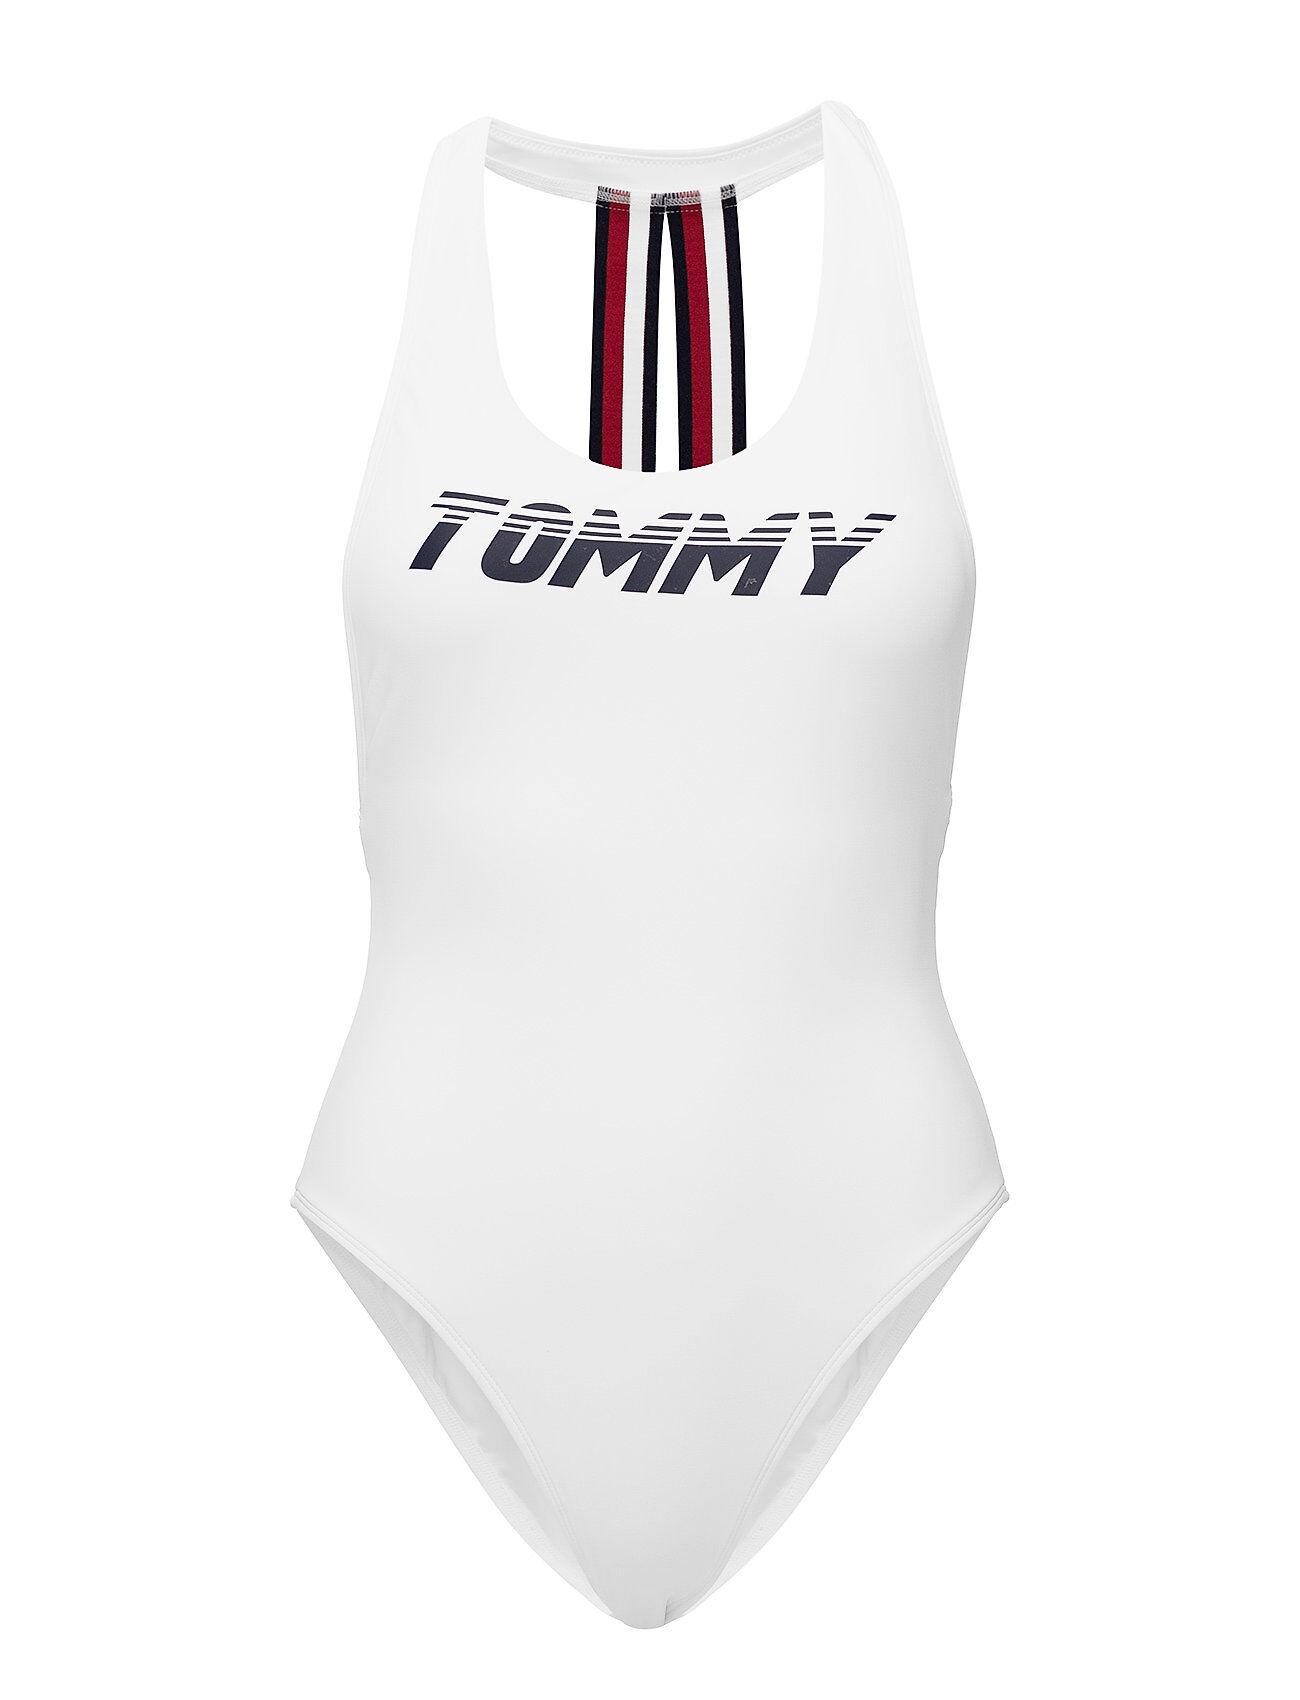 Tommy Hilfiger Gigi Hadid One-Piece